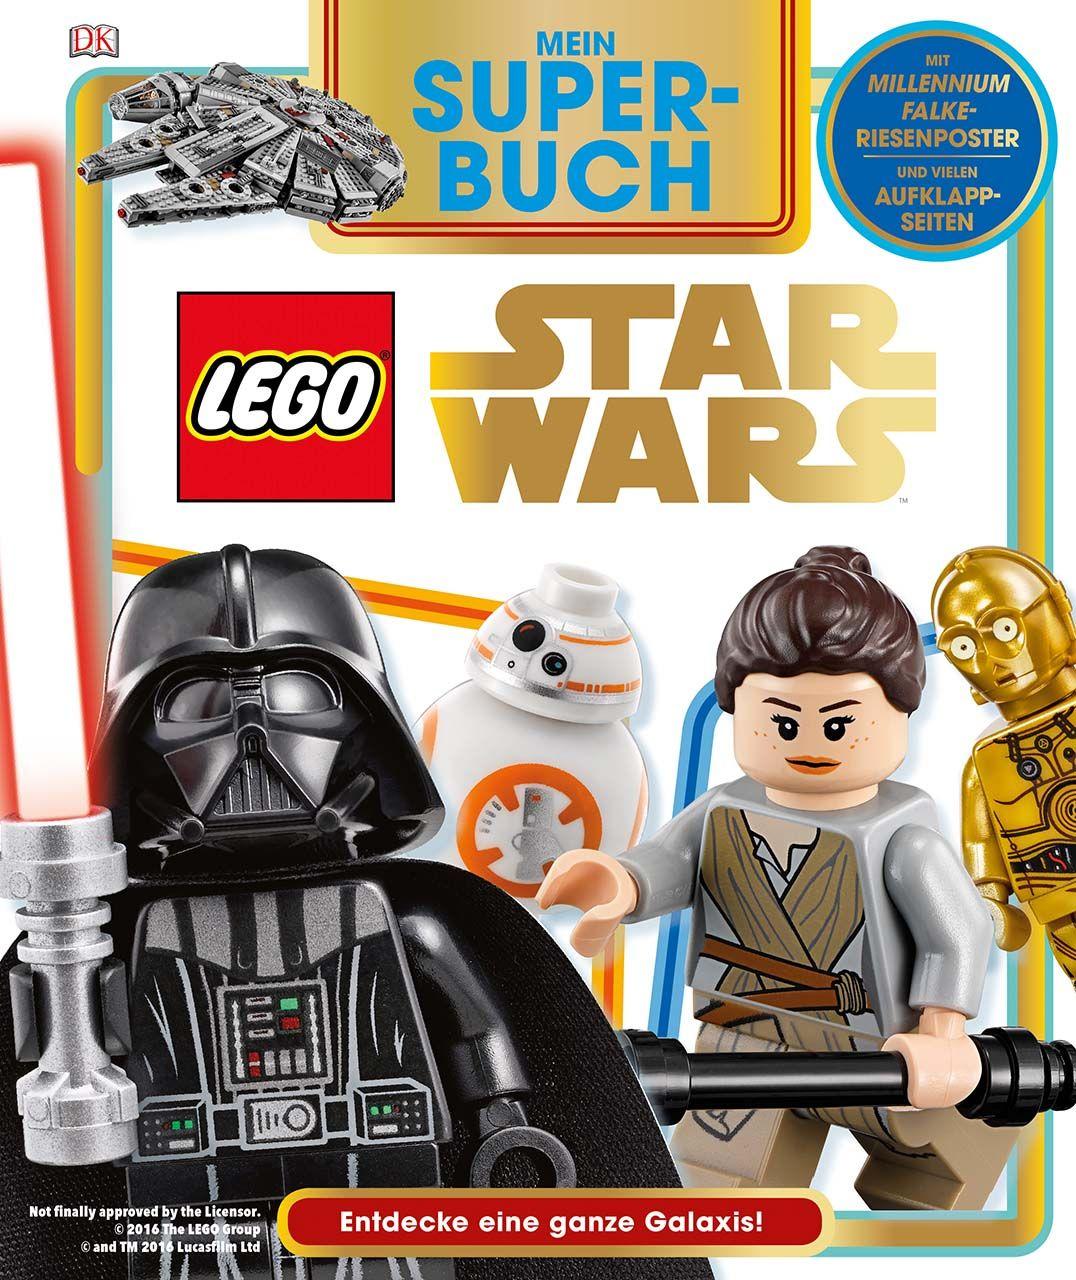 Fantastisch Lego Star Wars Schiffe Färbung Seiten Ideen - Beispiel ...